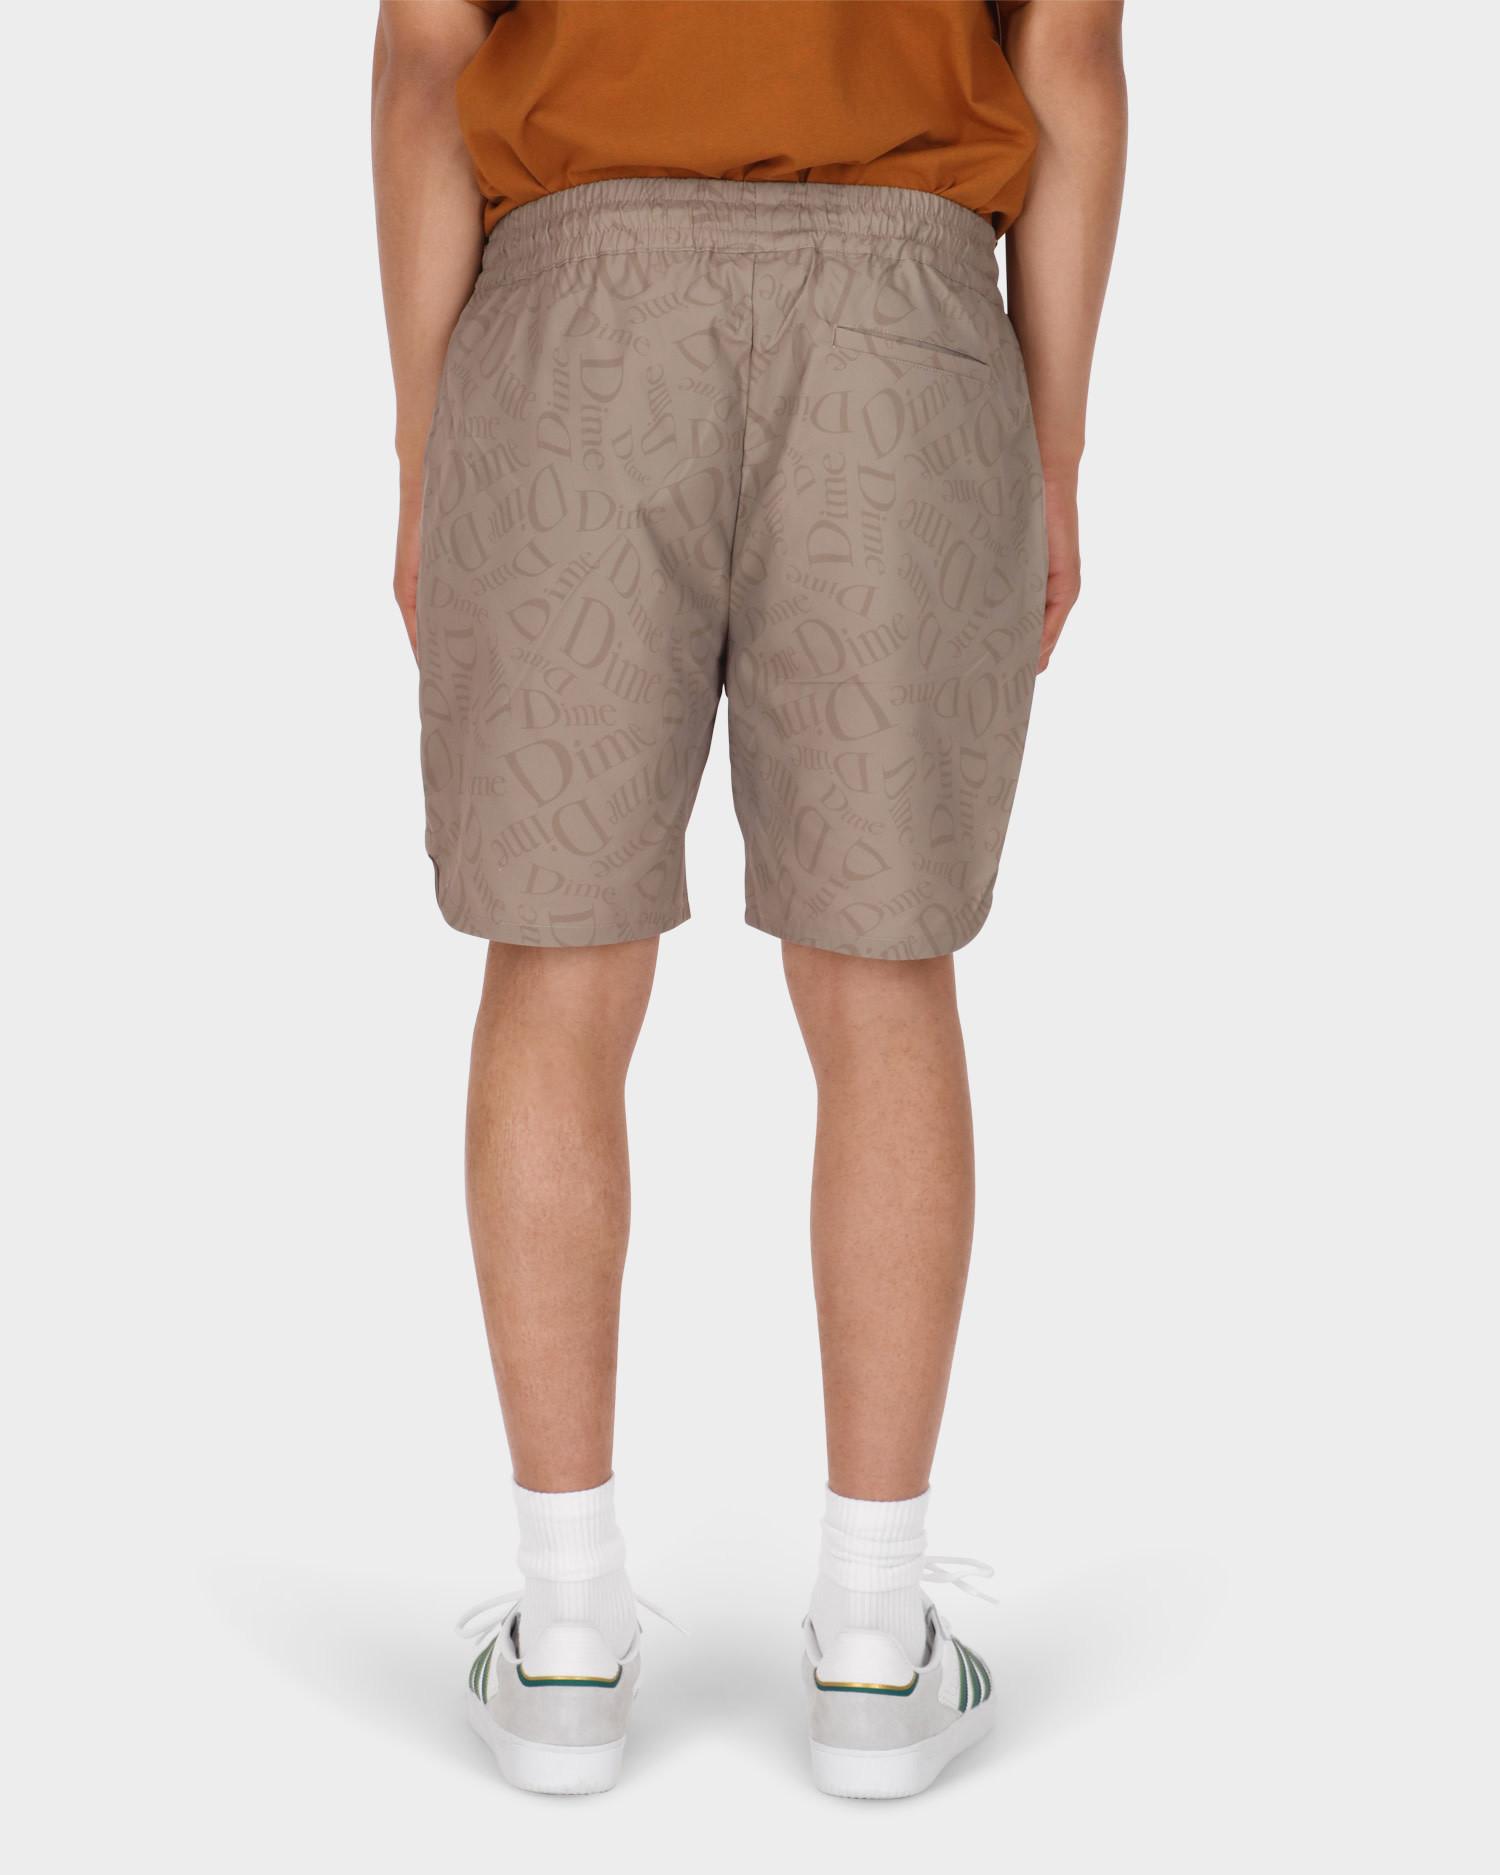 Dime Allover Shorts Tan